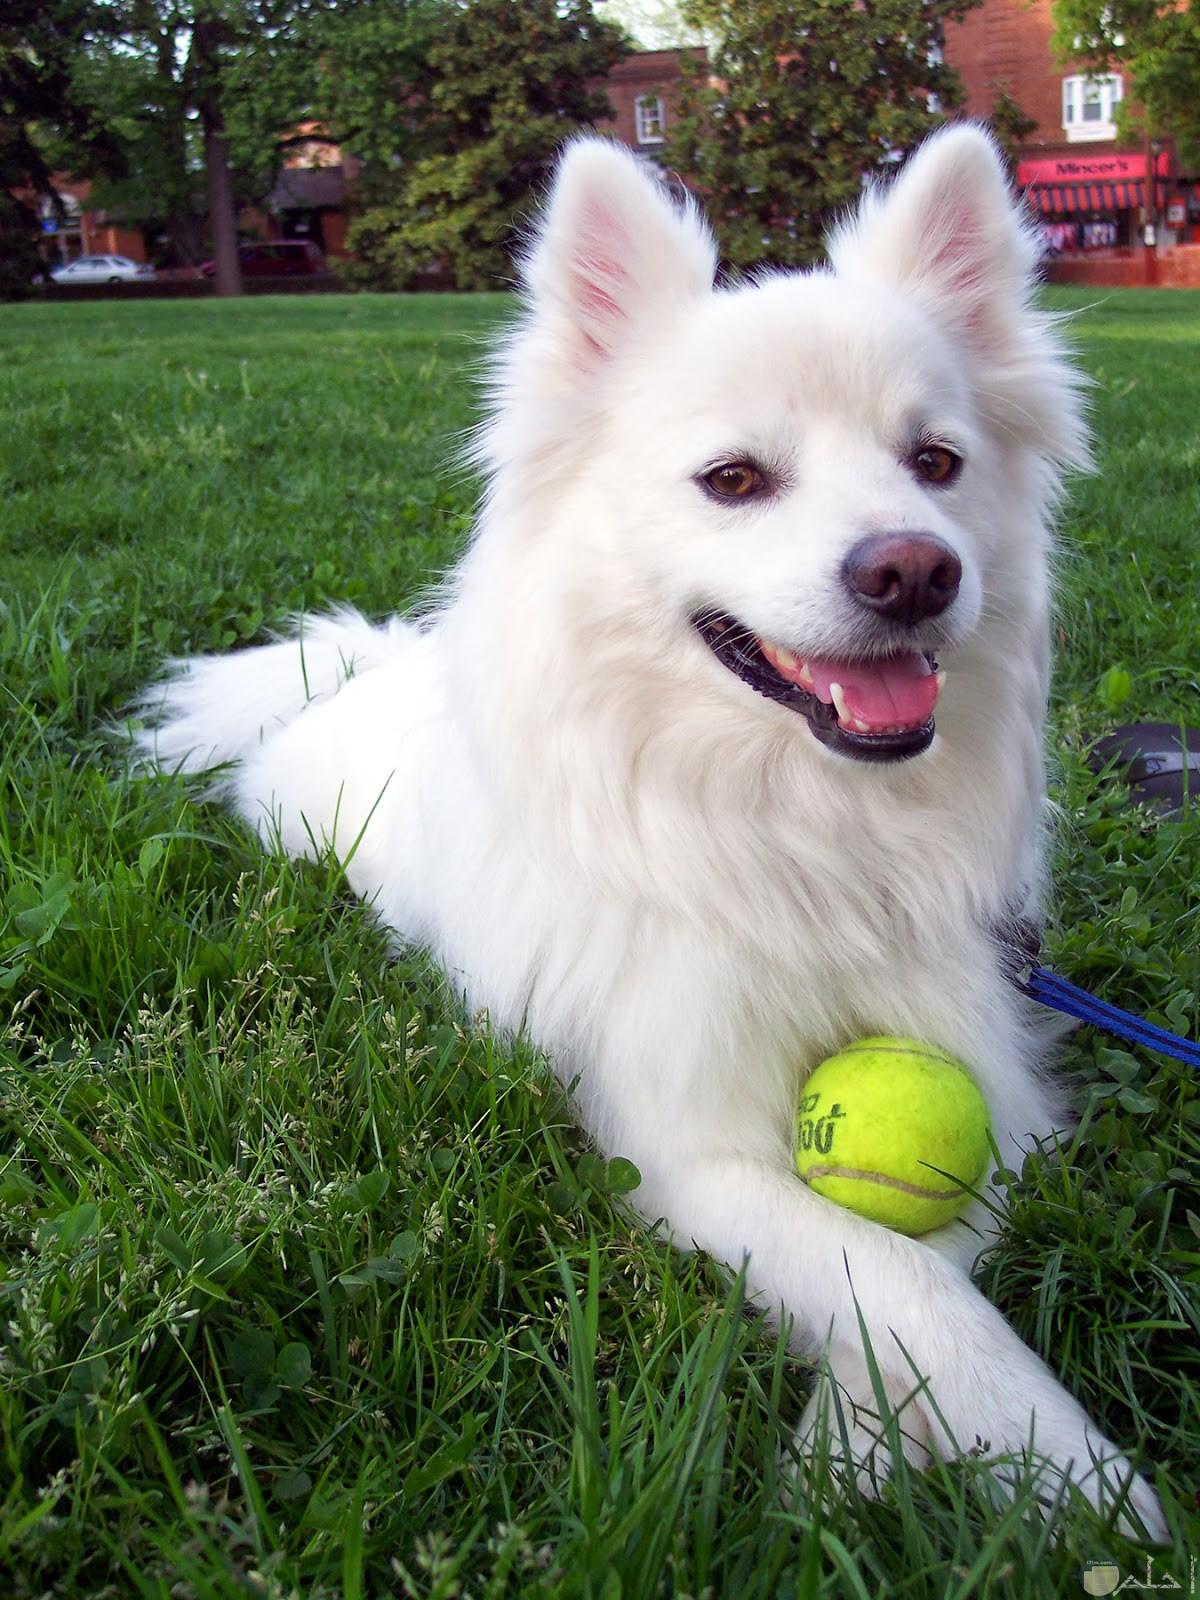 كلب ابيض يداعب كرة صغيرة.